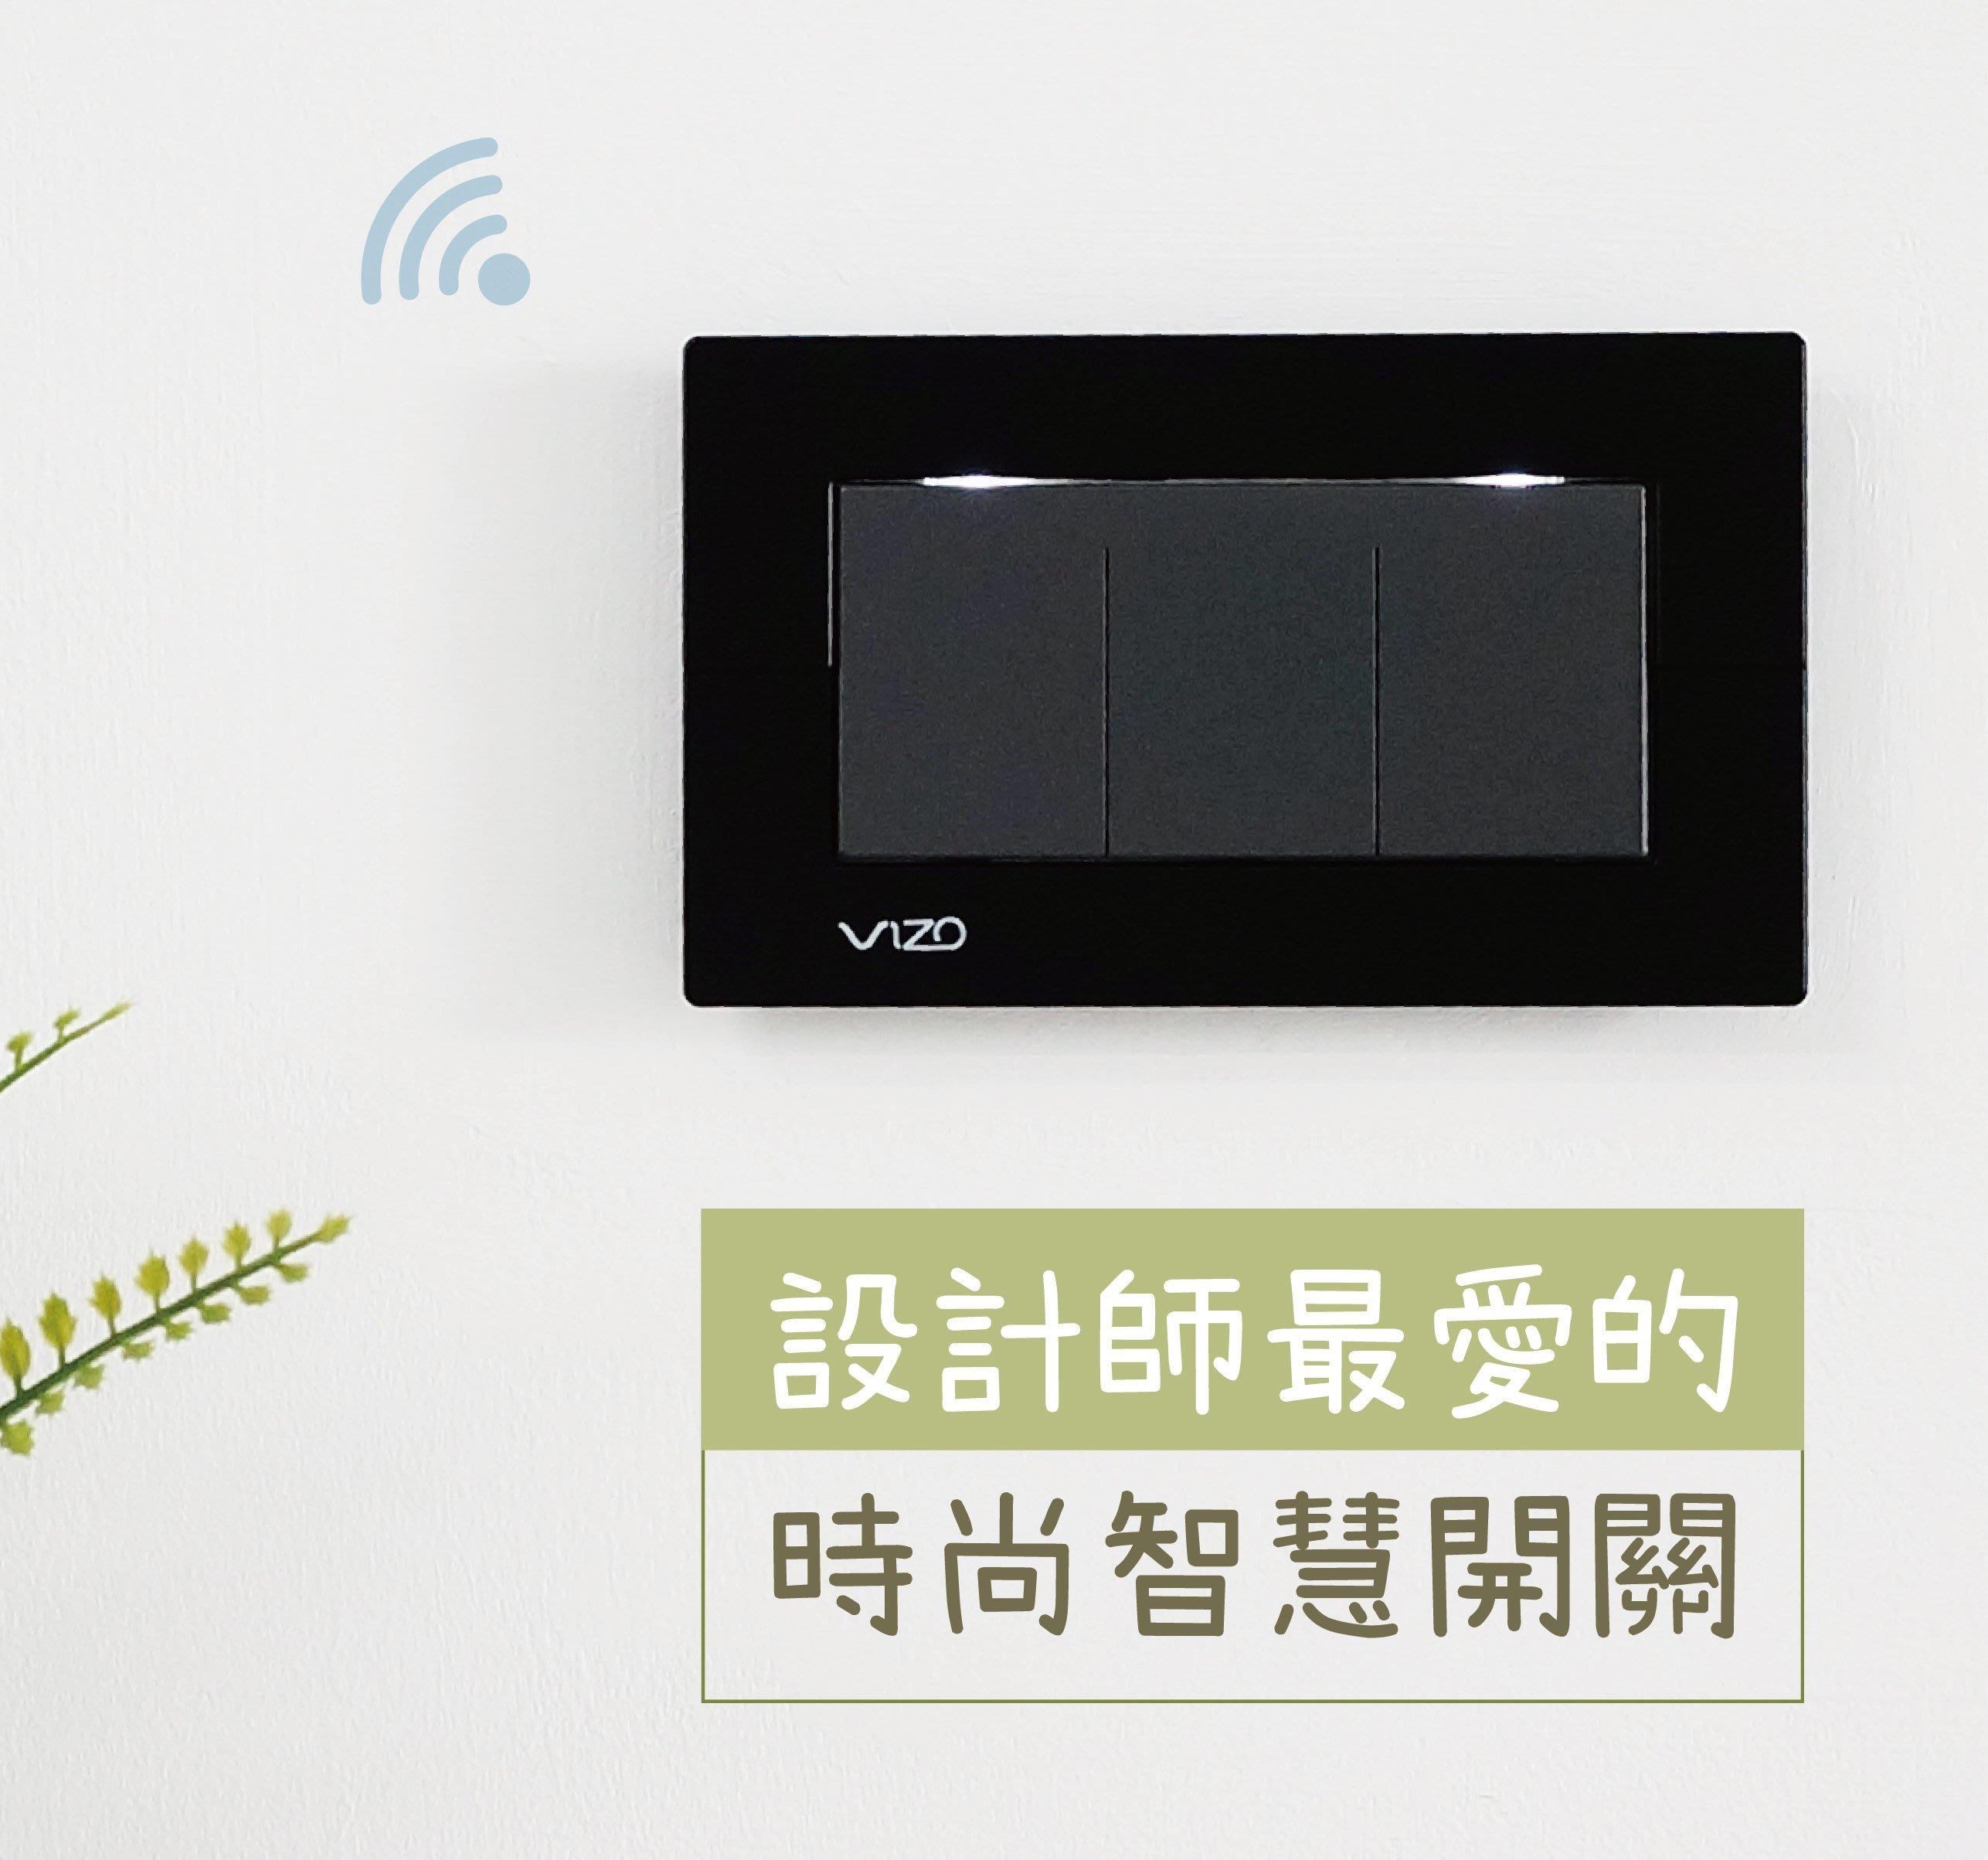 尊爵黑[三按鍵開關] 需中性線 台灣獨家設計製造 WIFI智慧開關 三路雙控 遠端定時 聲控siri Google 天貓